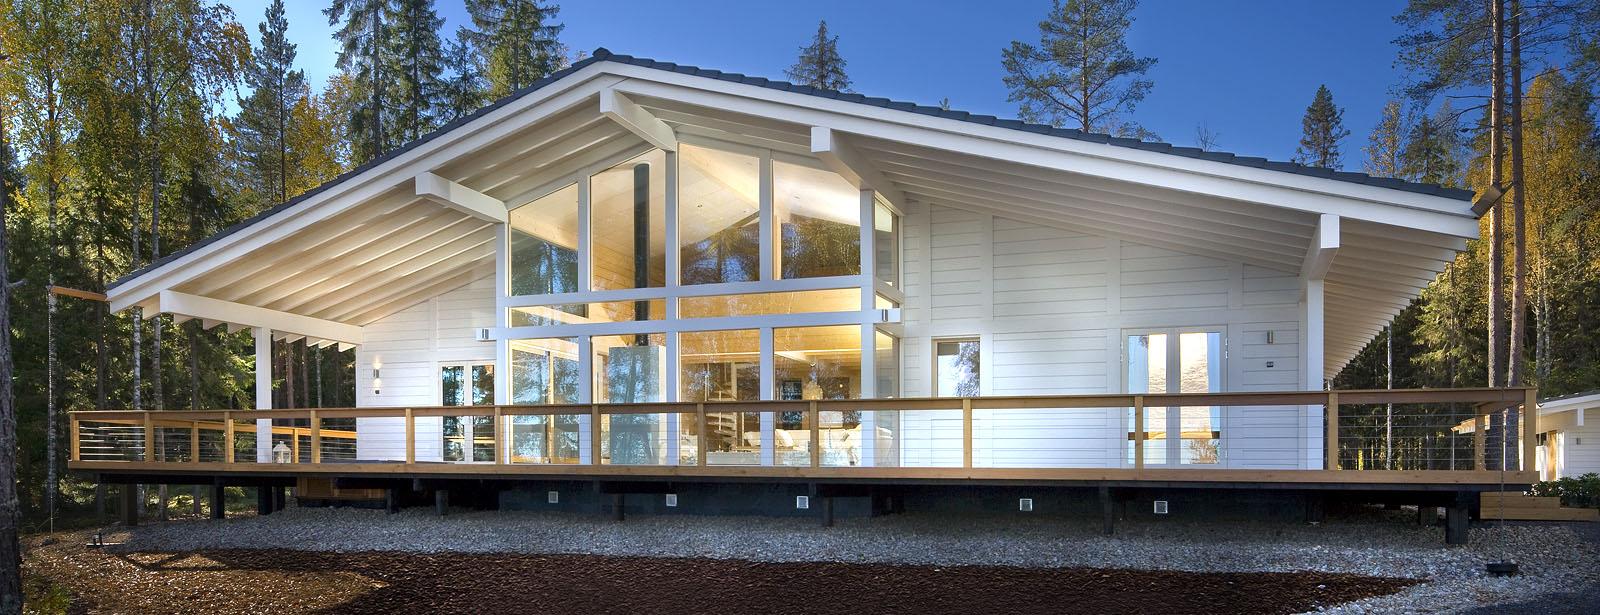 Cnn el lodge lune des plus belles hôtels ski du monde maisons et chalets finlandais en bois massif polar life haus